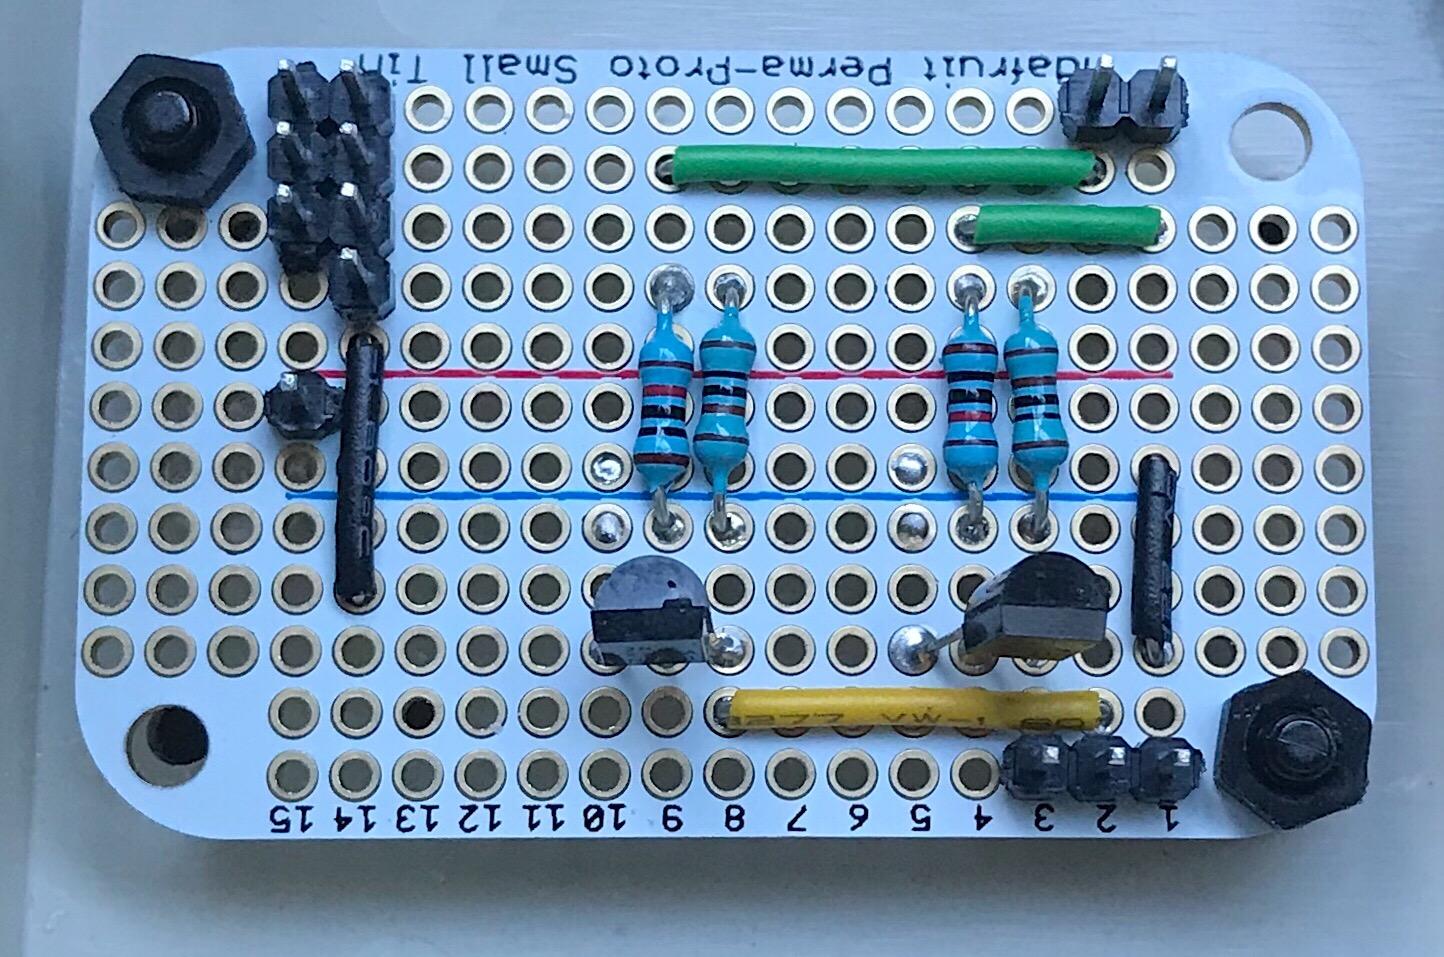 adafruit_products_B84A84E3-6C0B-4C60-AE53-3D69B5090851.jpeg